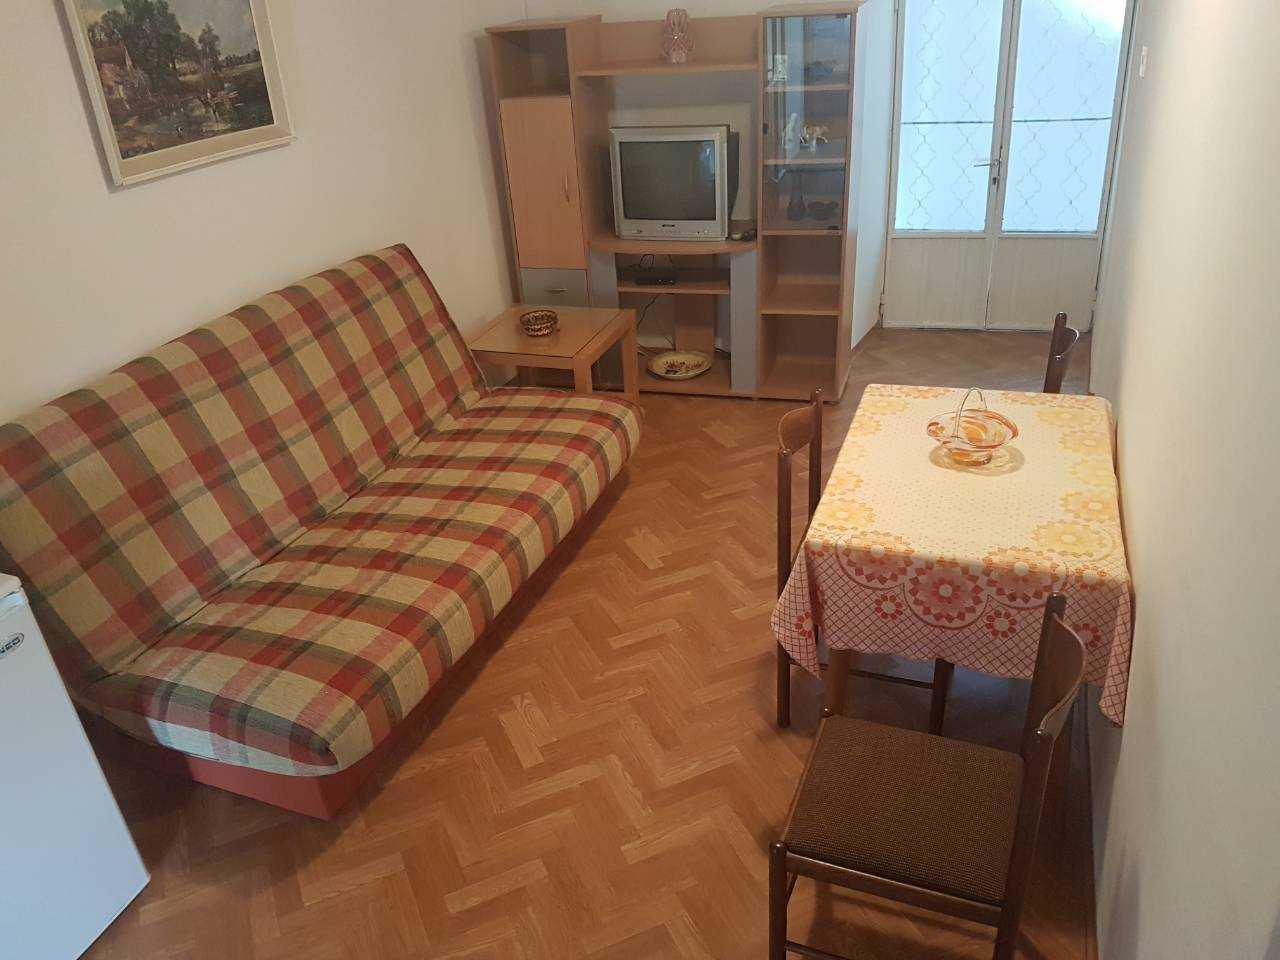 Aпартамент MM 50080, Rafailovići, , Priobalni dio (Crna Gora)